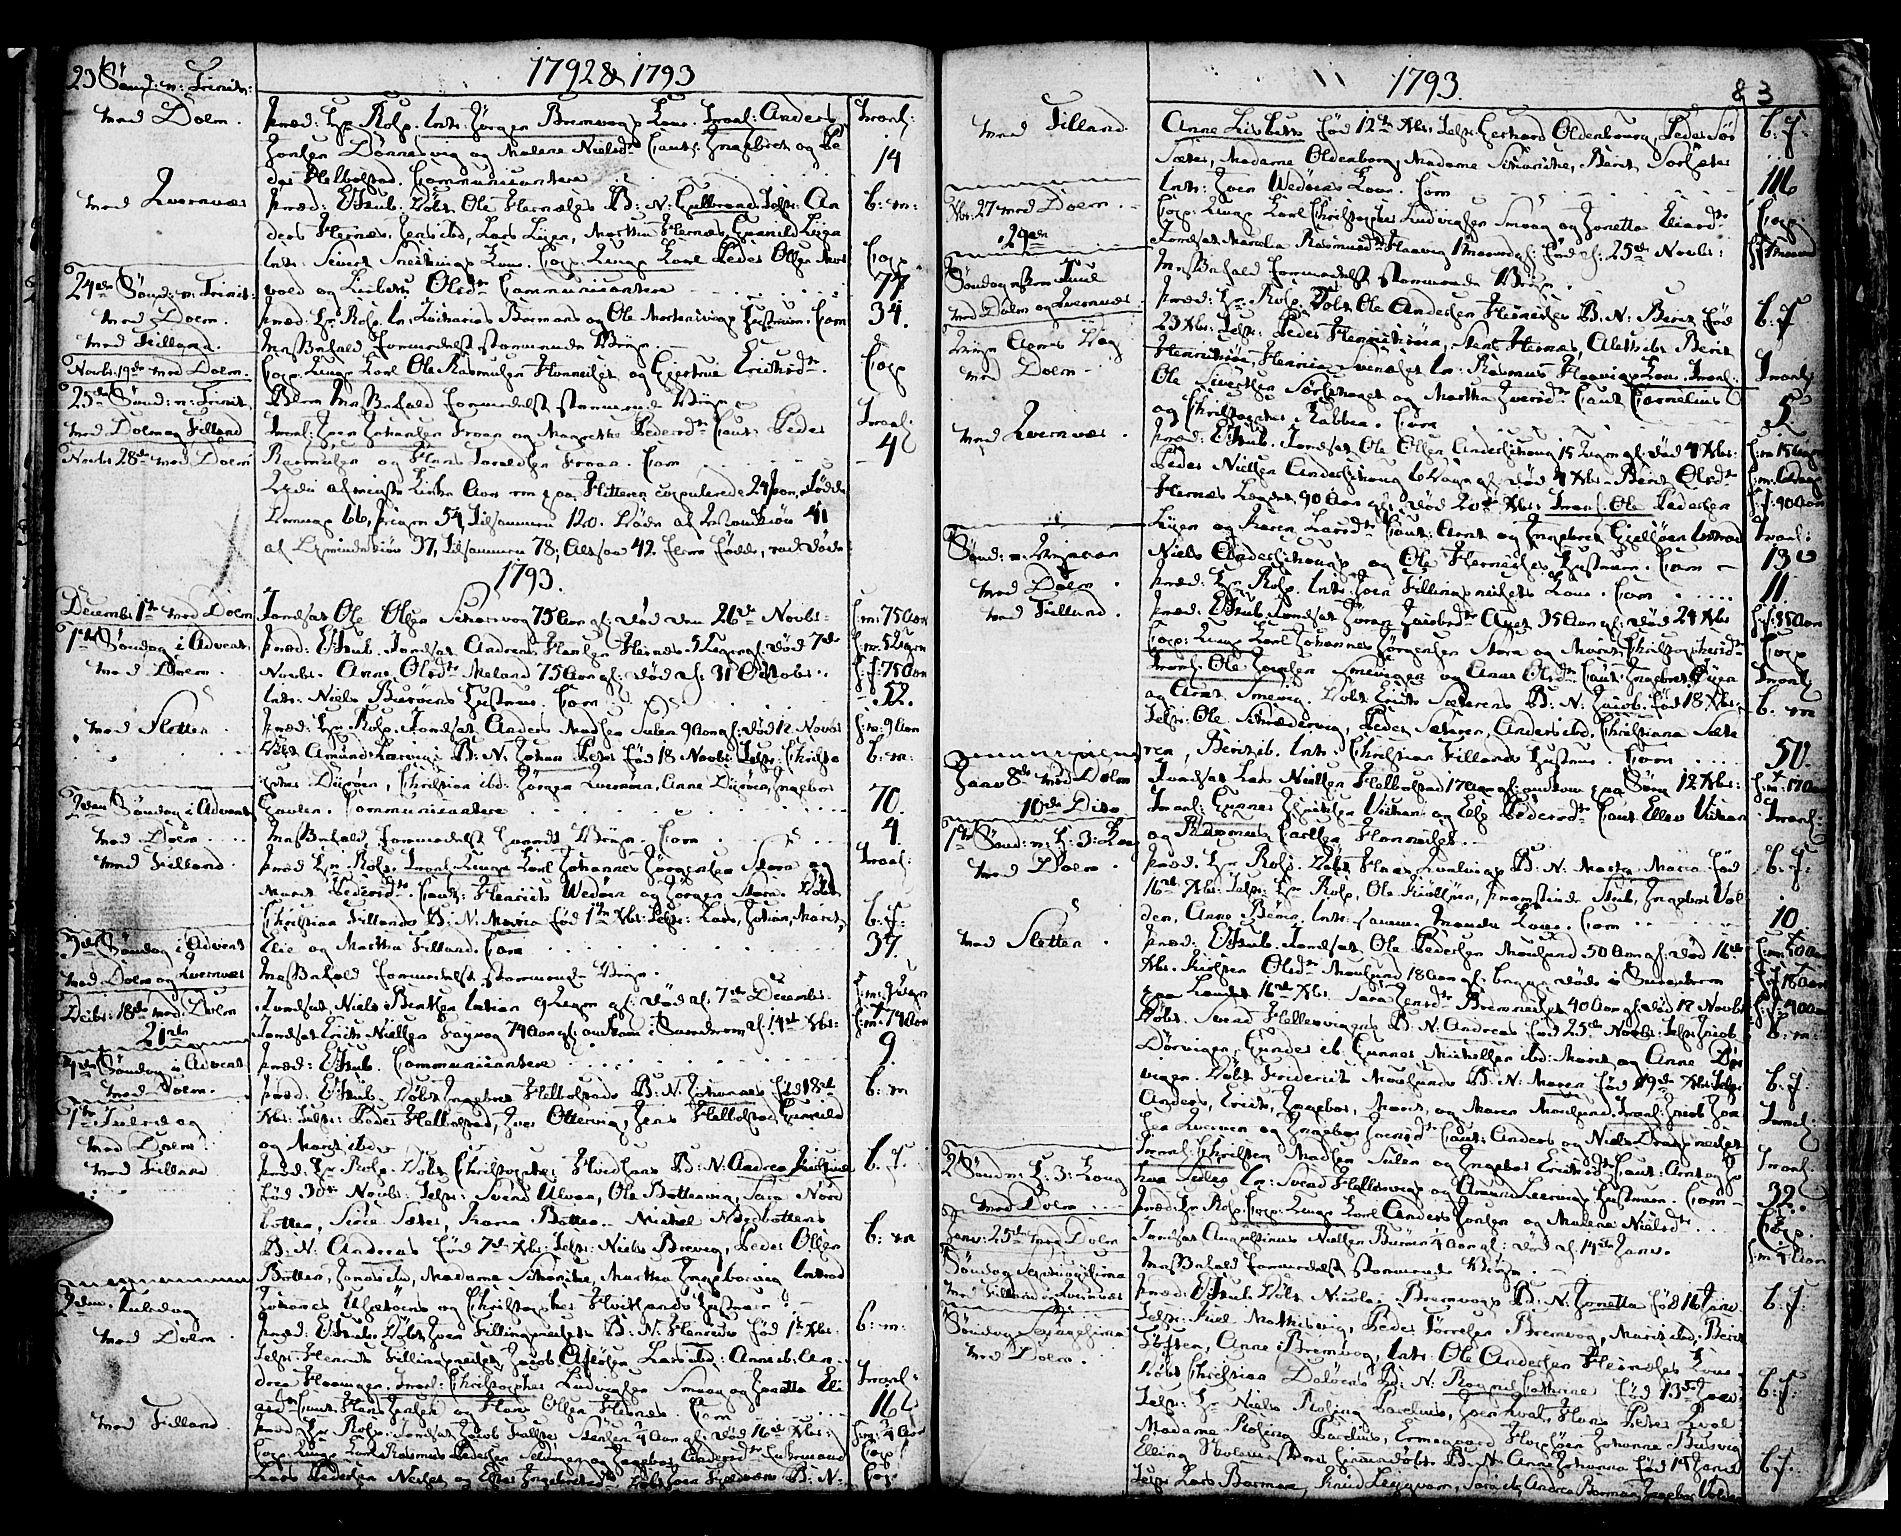 SAT, Ministerialprotokoller, klokkerbøker og fødselsregistre - Sør-Trøndelag, 634/L0526: Ministerialbok nr. 634A02, 1775-1818, s. 83